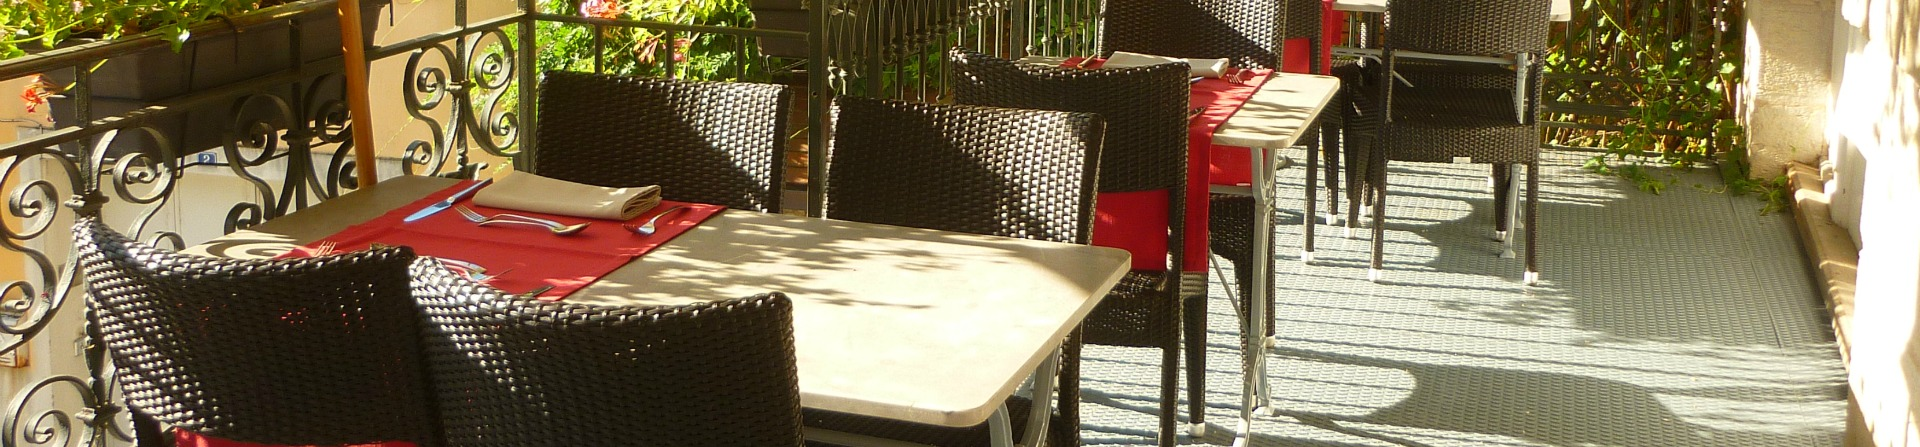 Terrasse du restaurant des Deux Forts-Salins les Bains-Jura 2